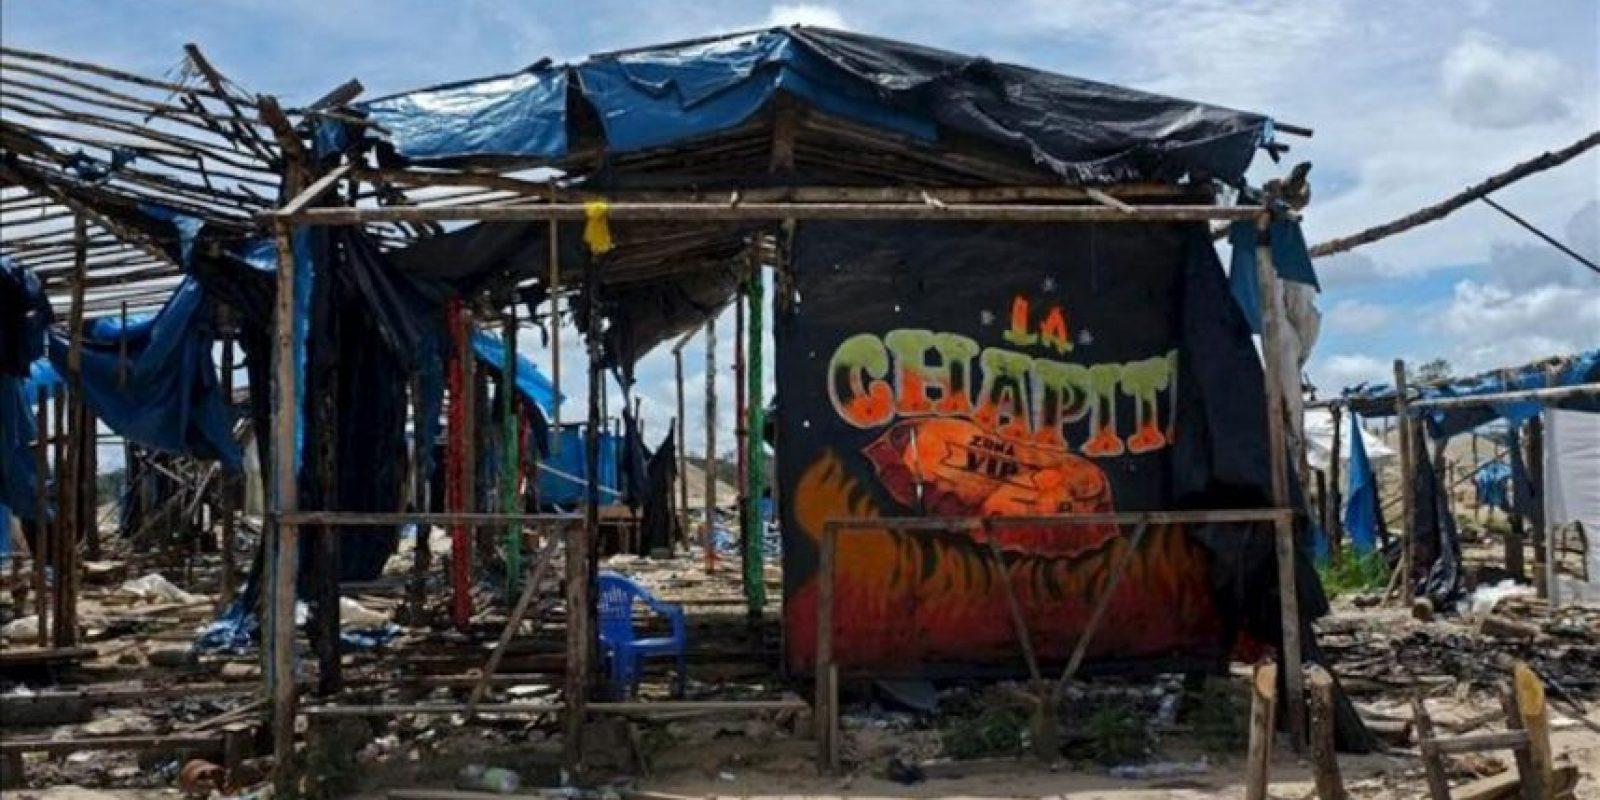 """Aspecto de los restos de un prostíbulo, en lo que fuera un campamento de mineros ilegales del sector denominado """"La Pampa"""", abandonado por sus habitantes luego de terminar de extraer oro de la zona, cerca de la Reserva Nacional de Tambopata, en Madre De Dios (Perú), el 21 de marzo de 2012. EFE"""